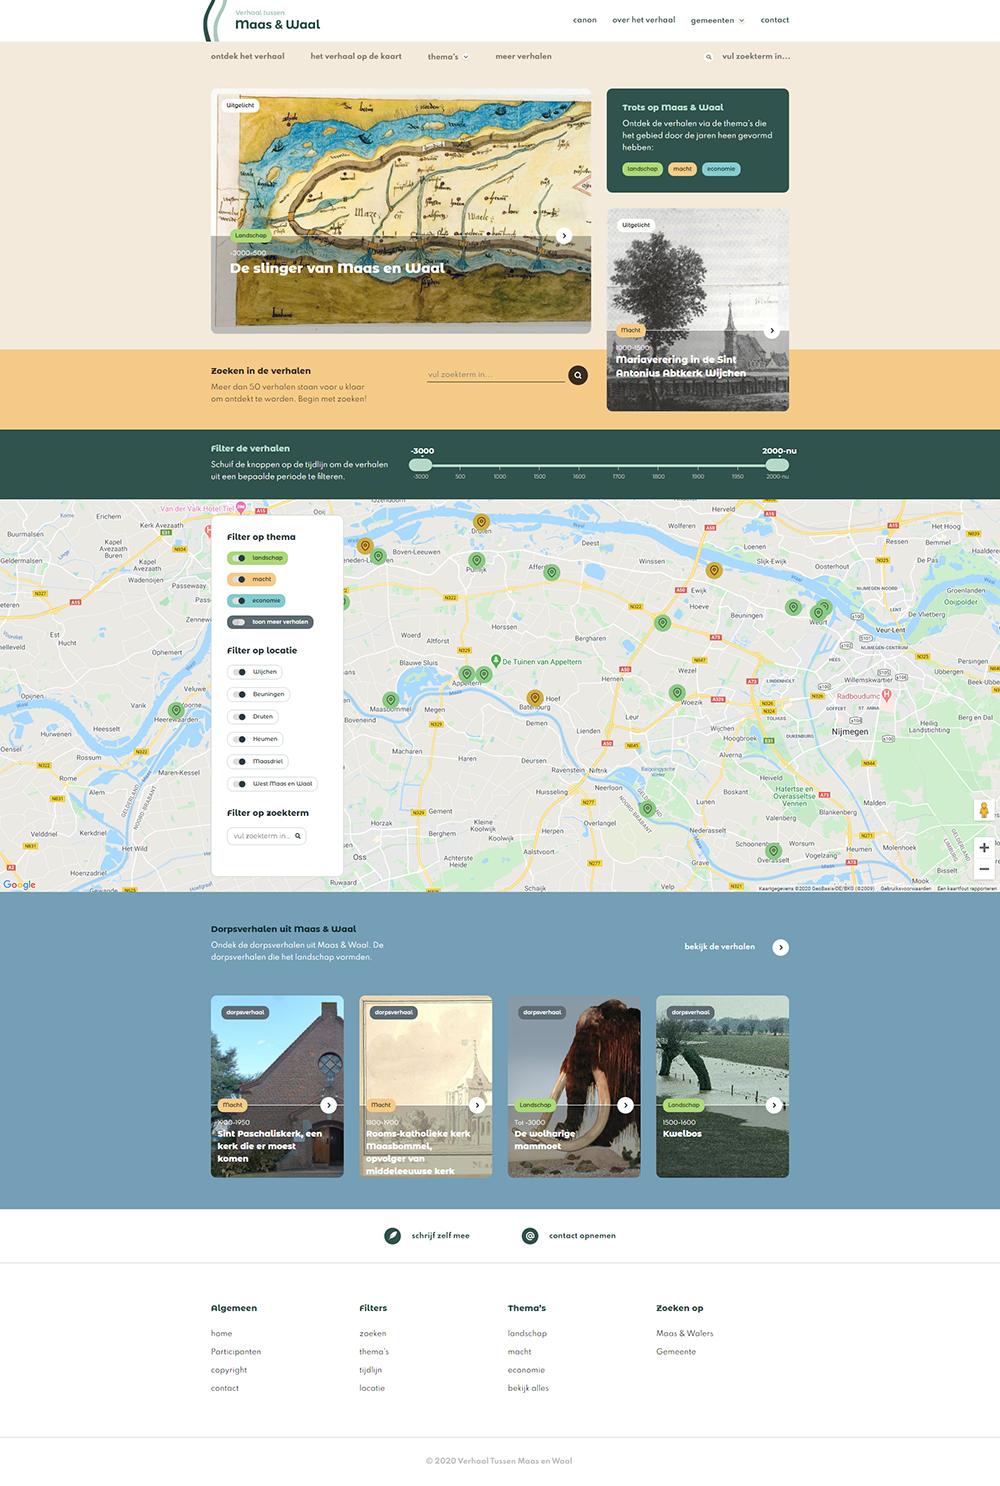 prode-portfolio-Verhaal-tussen-maas-en-waal-screenshot